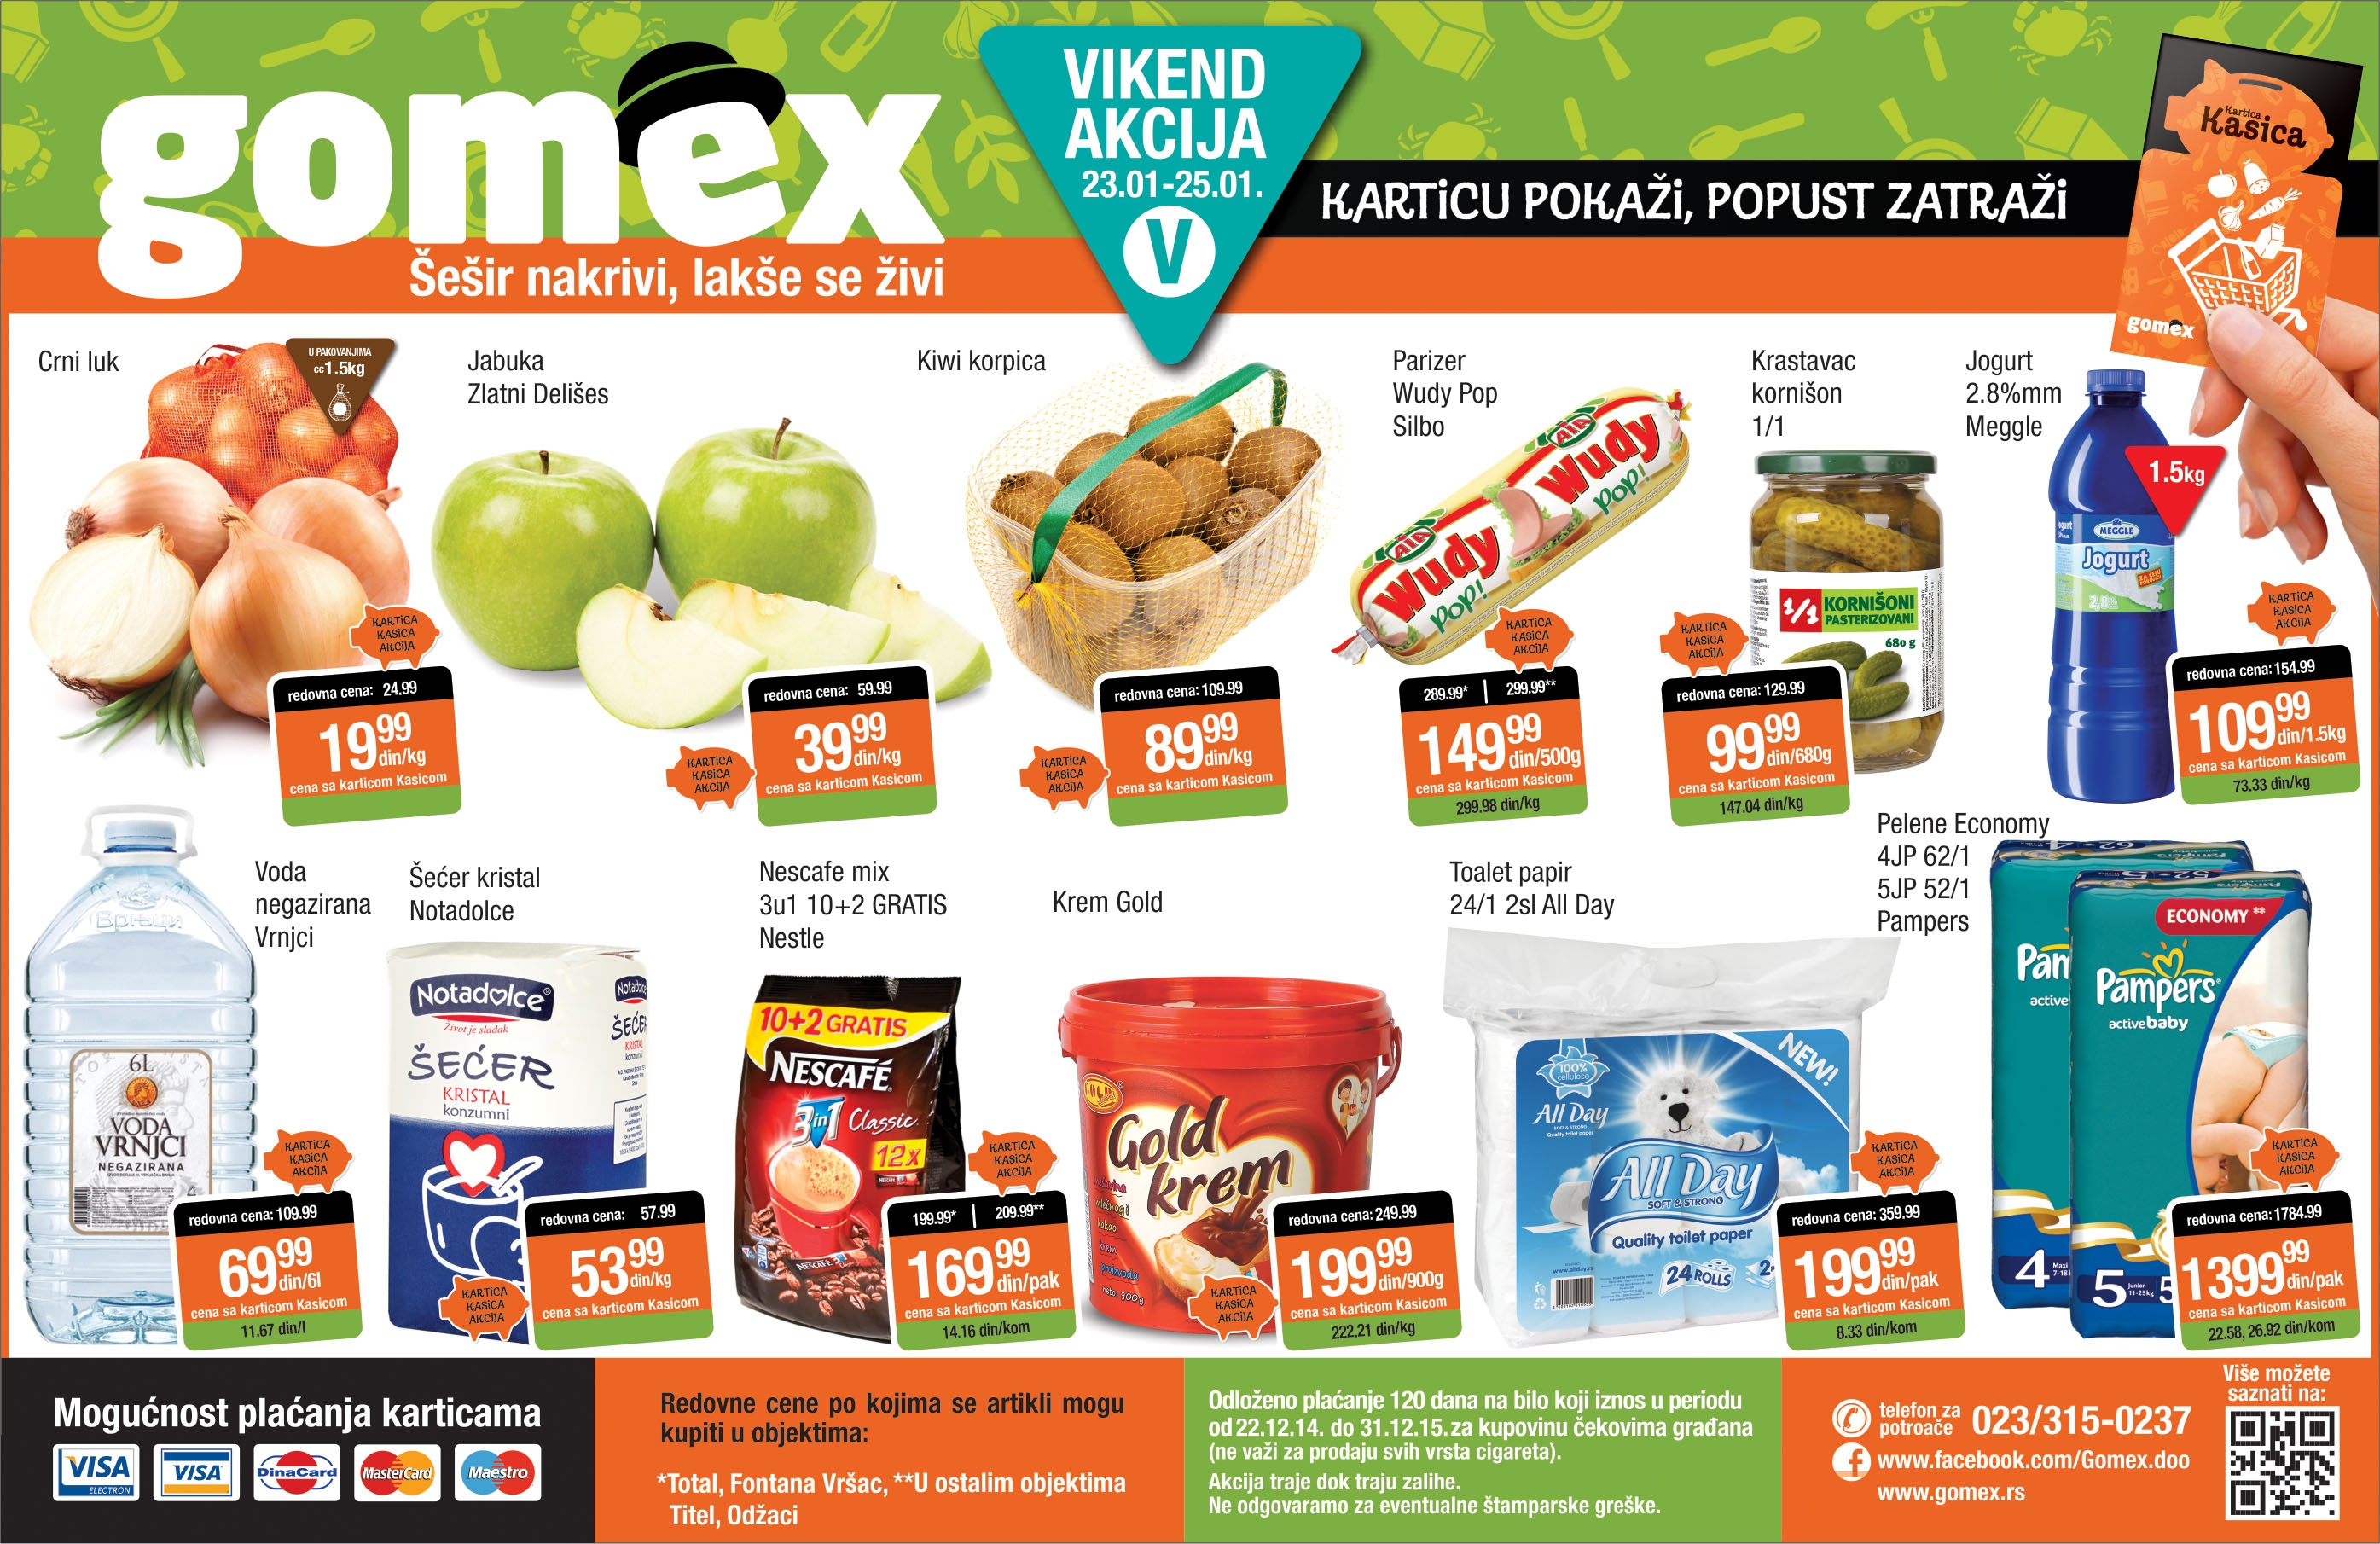 Gomex akcija vikend odlične ponude počinje za vas